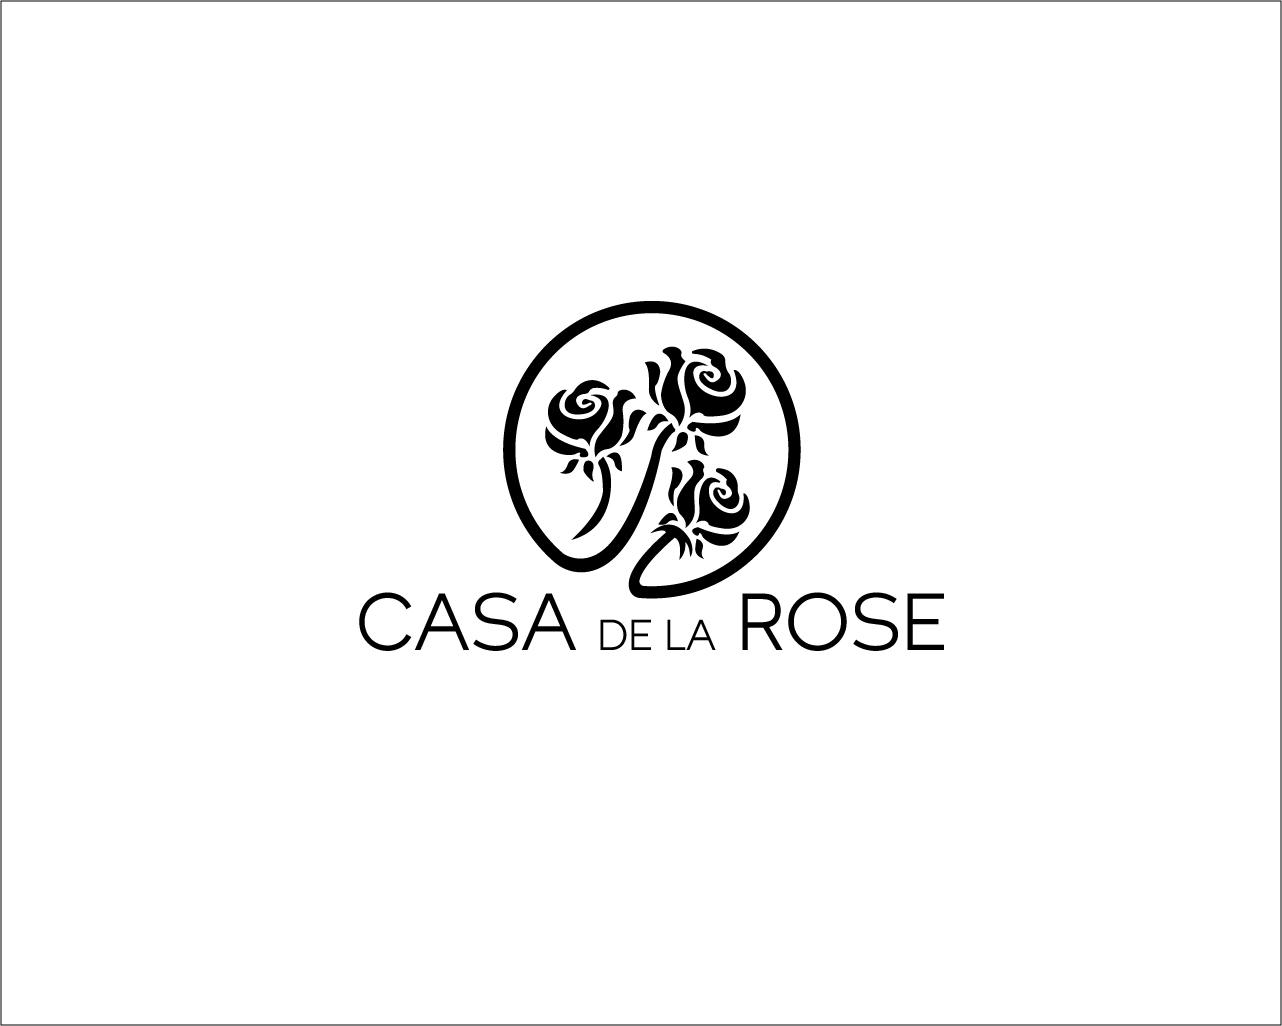 Логотип + Фирменный знак для элитного поселка Casa De La Rosa фото f_2745cd465402b207.jpg